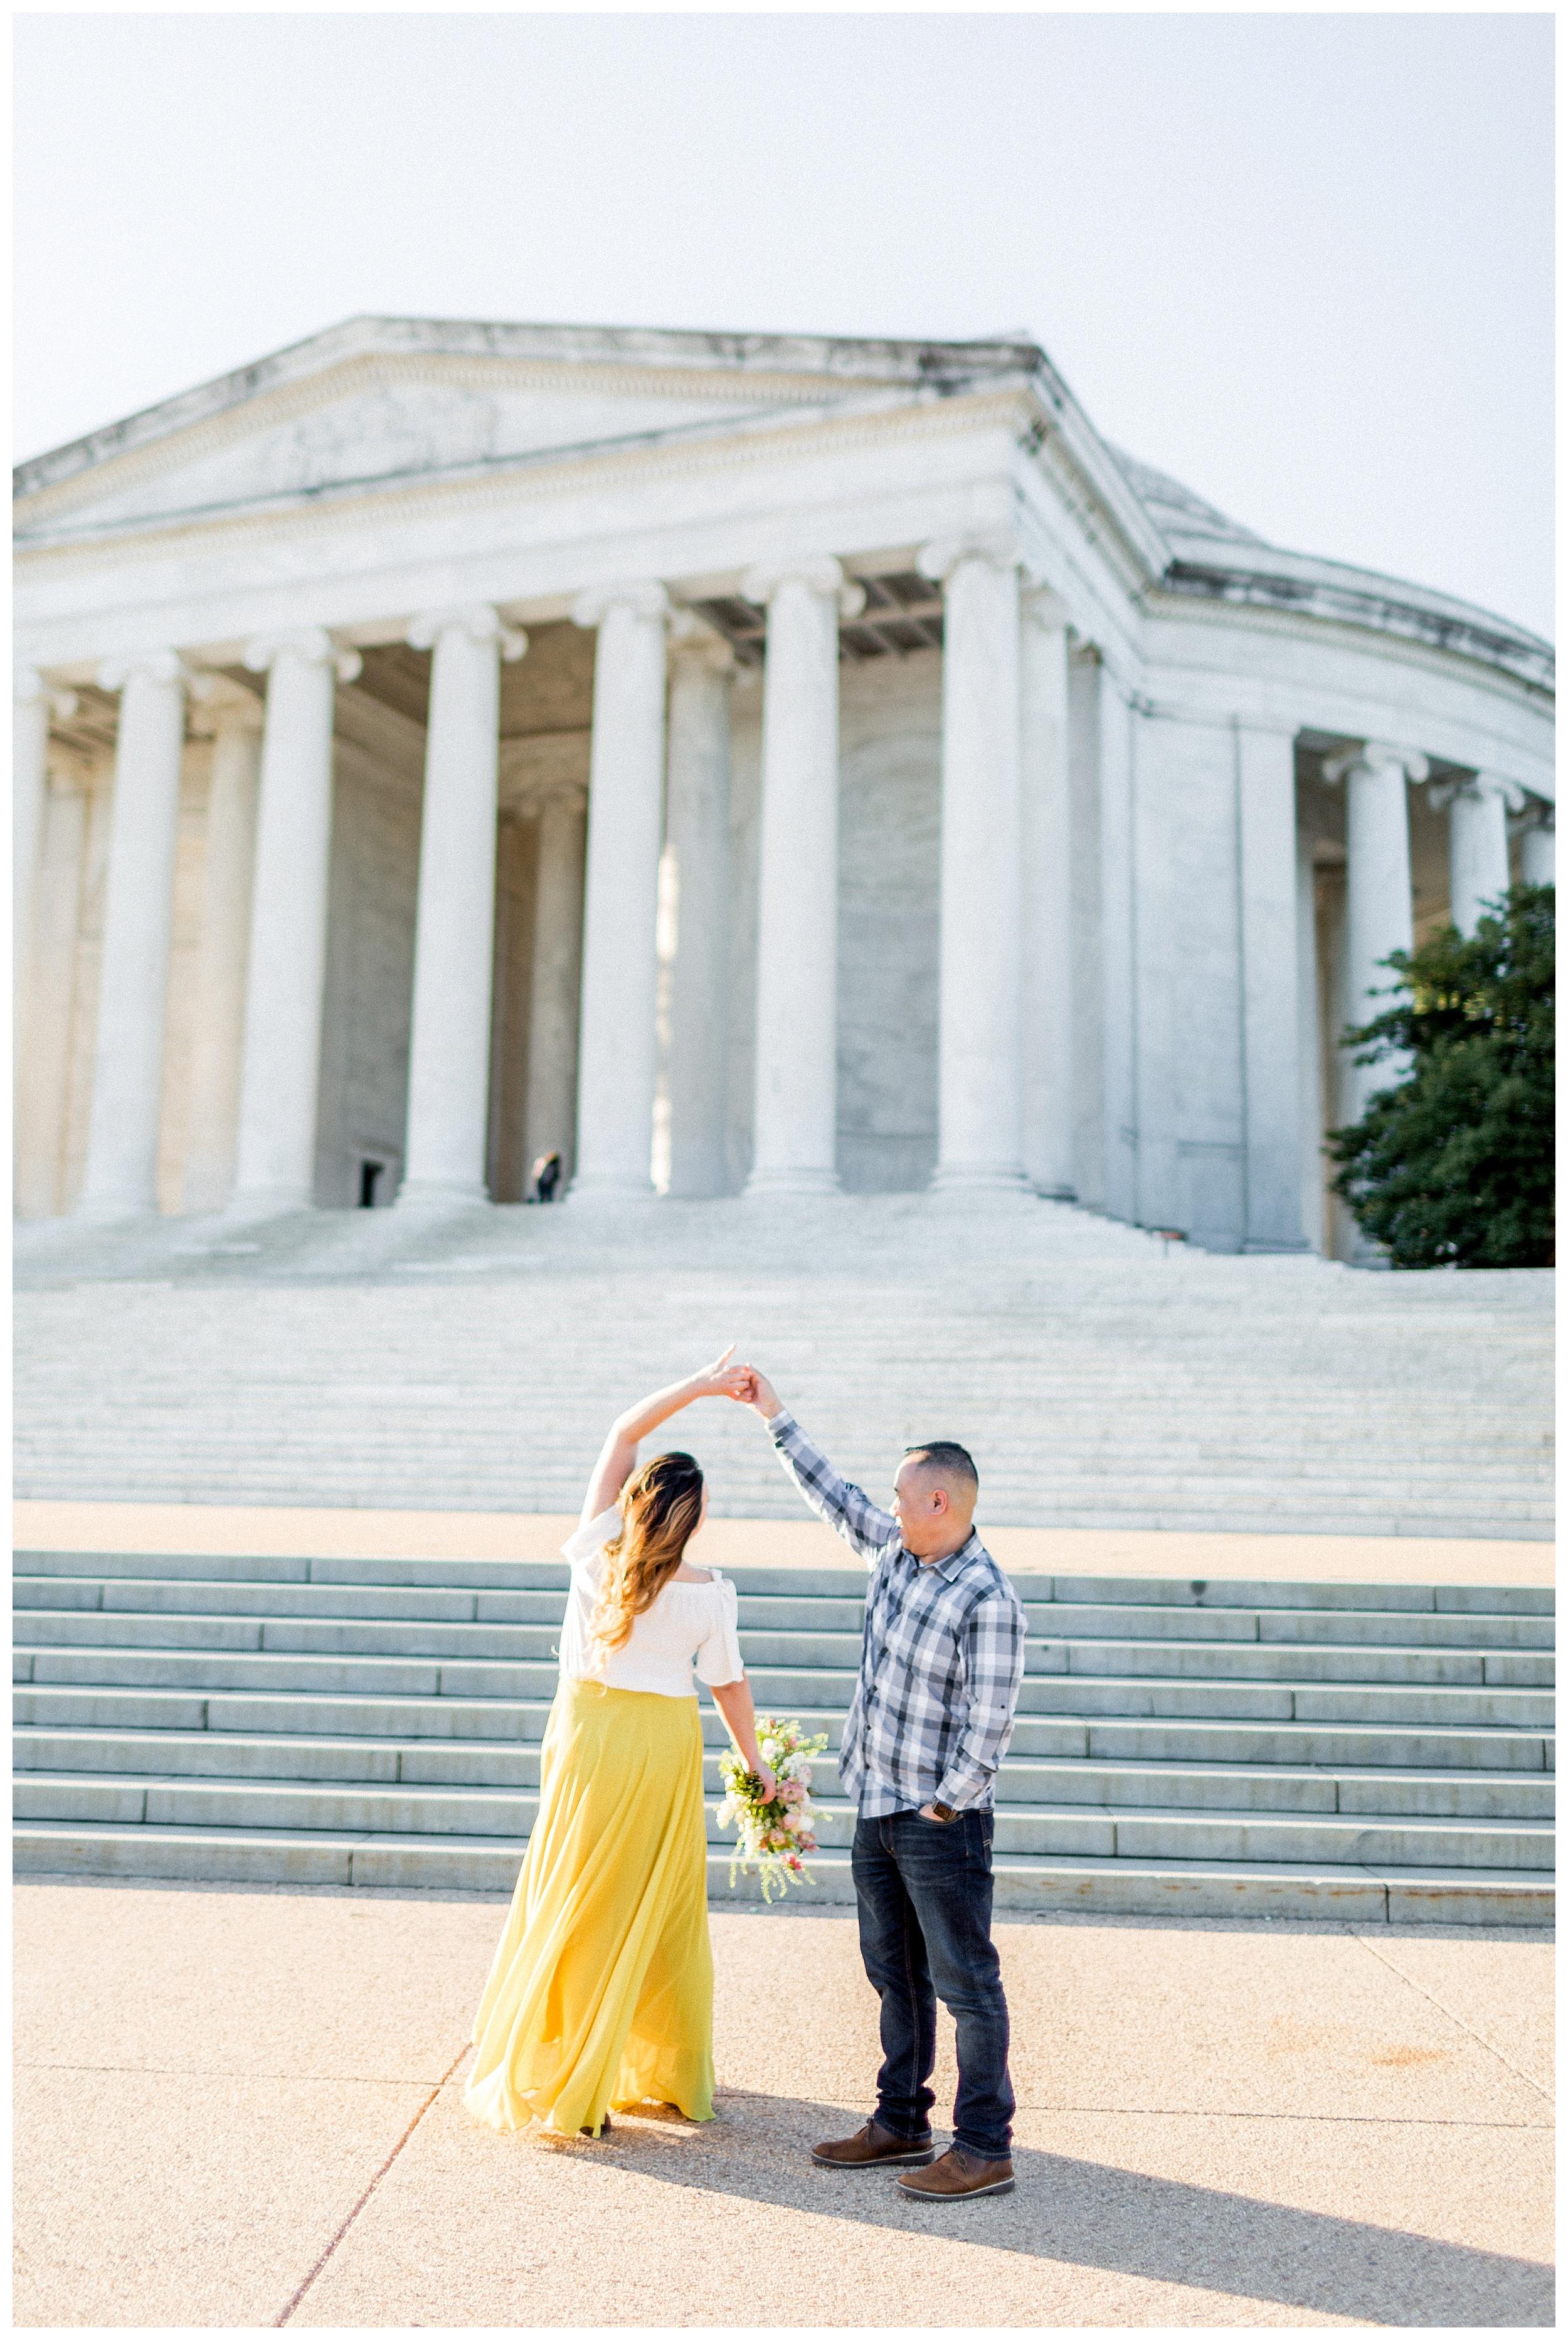 Washington DC Engagement Photos | Thomas Jefferson Engagement Session_0028.jpg